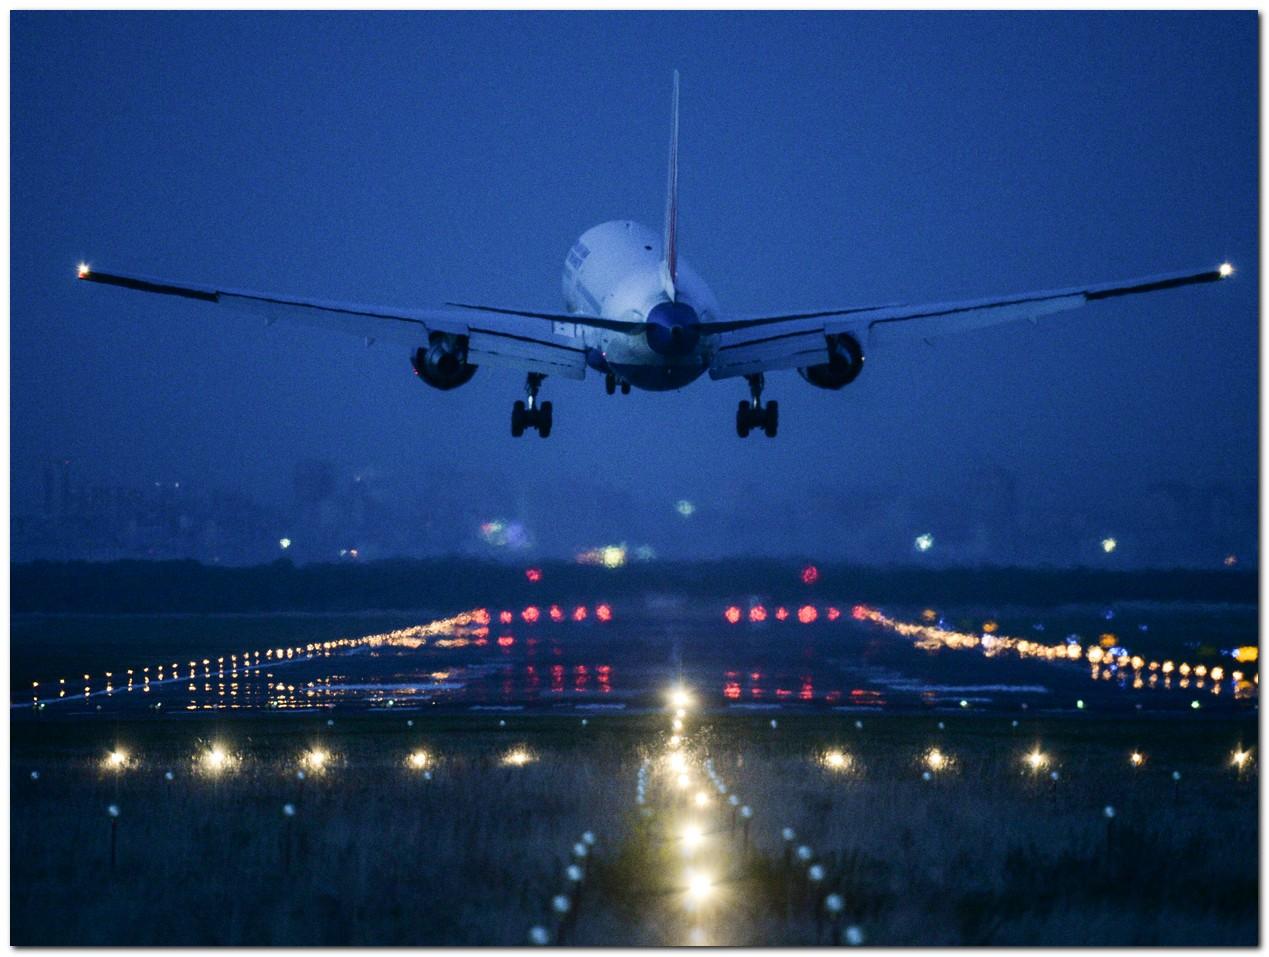 МОЛНИЯ: в аэропорт Брюсселя направляются два самолета с бомбами на борту